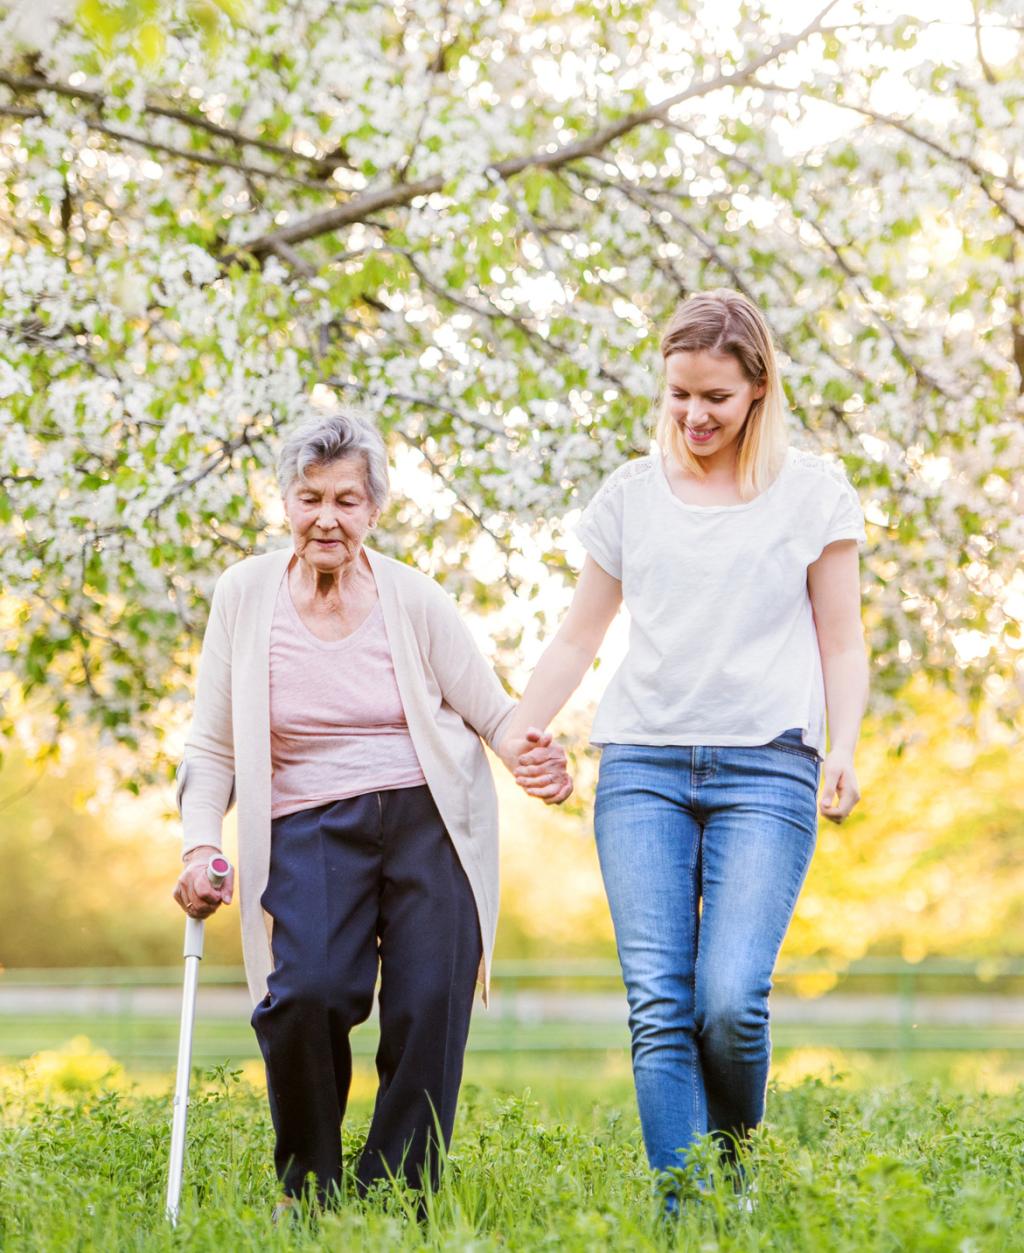 ältere und junge Frau draußen in der Natur